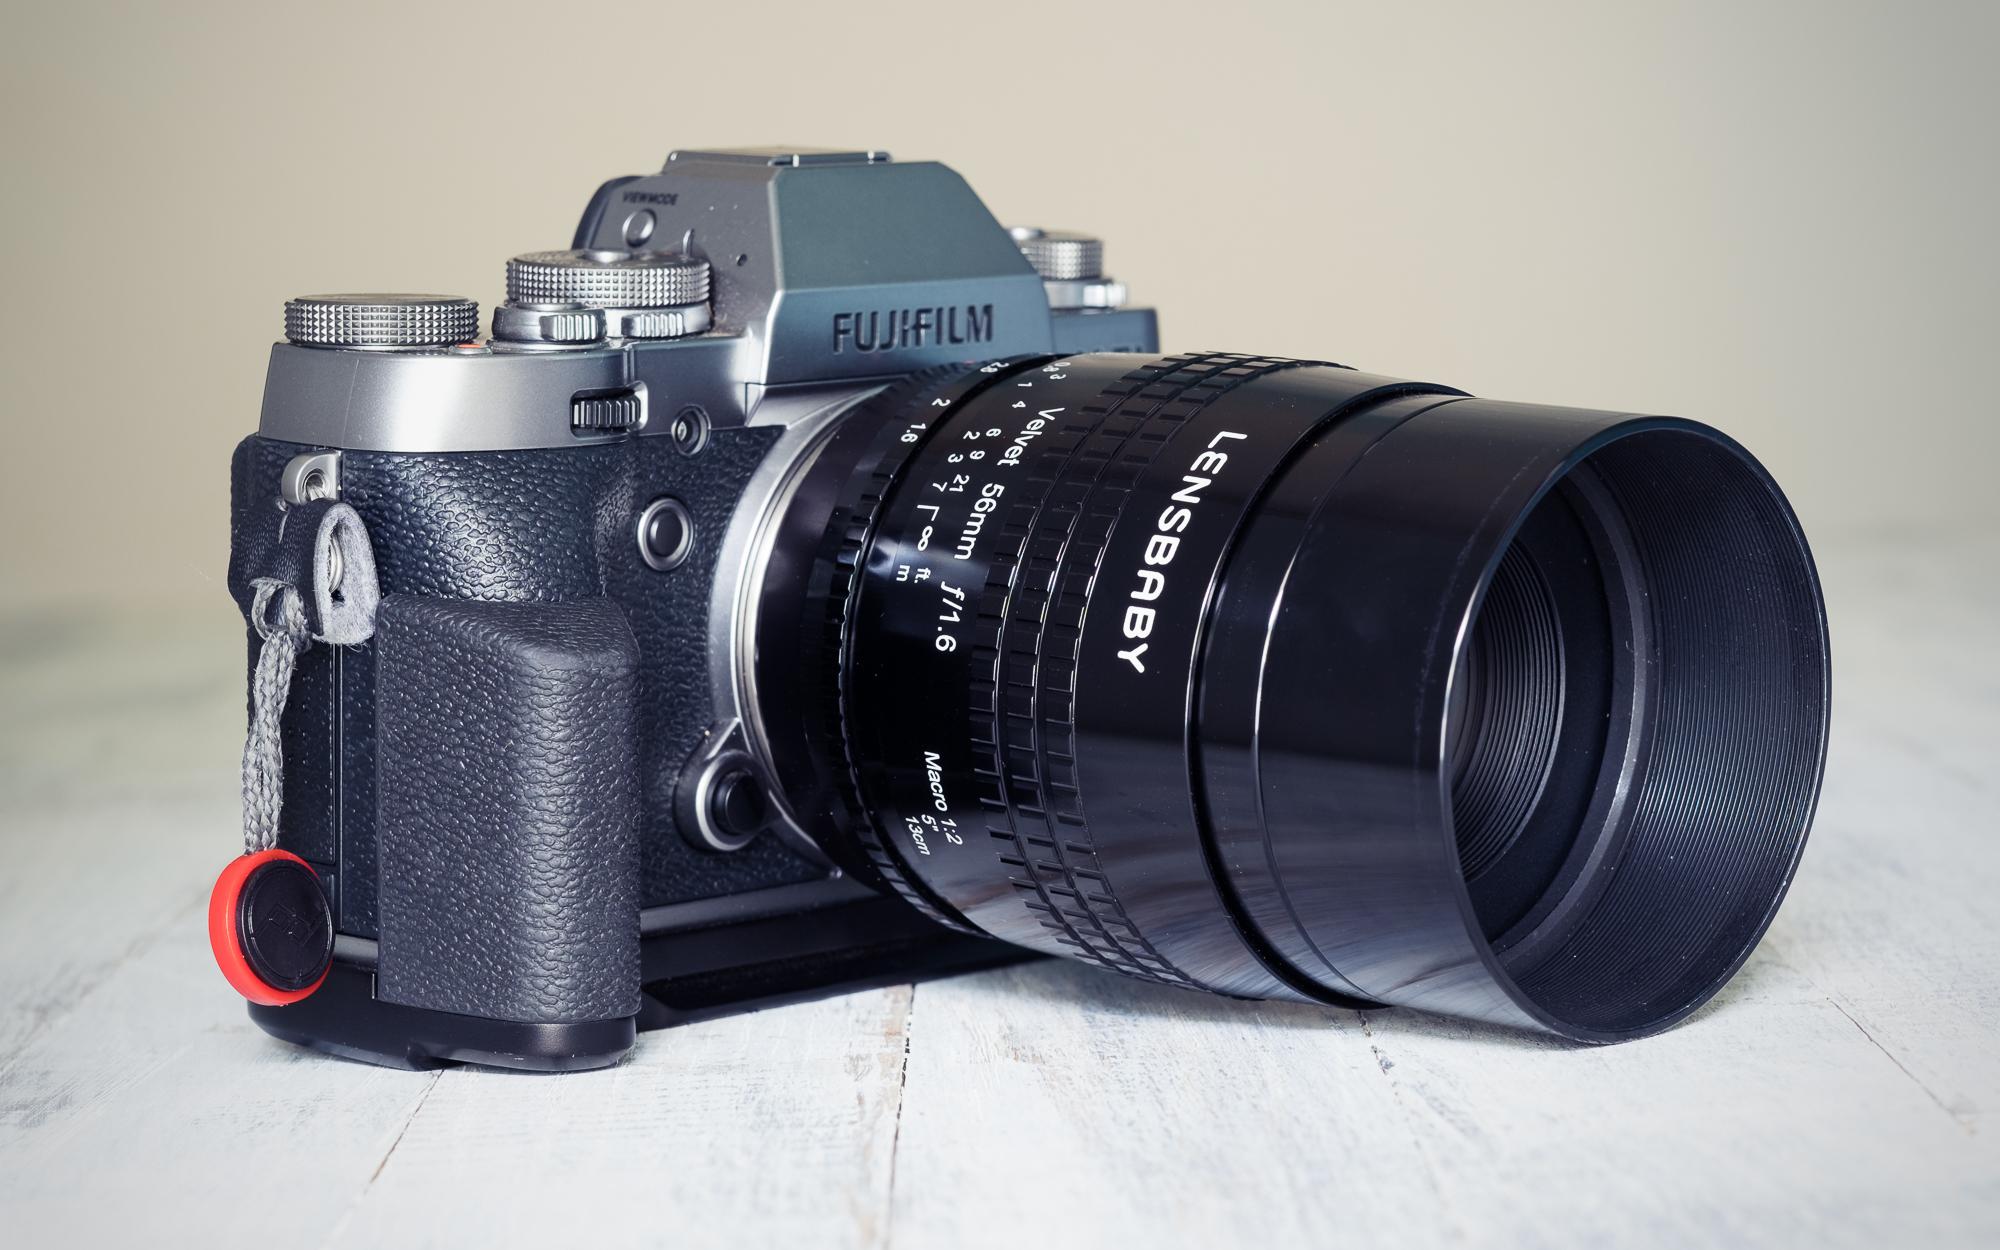 Using the Lensbaby Velvet 56 on a Fuji X-T1 | Photofocus